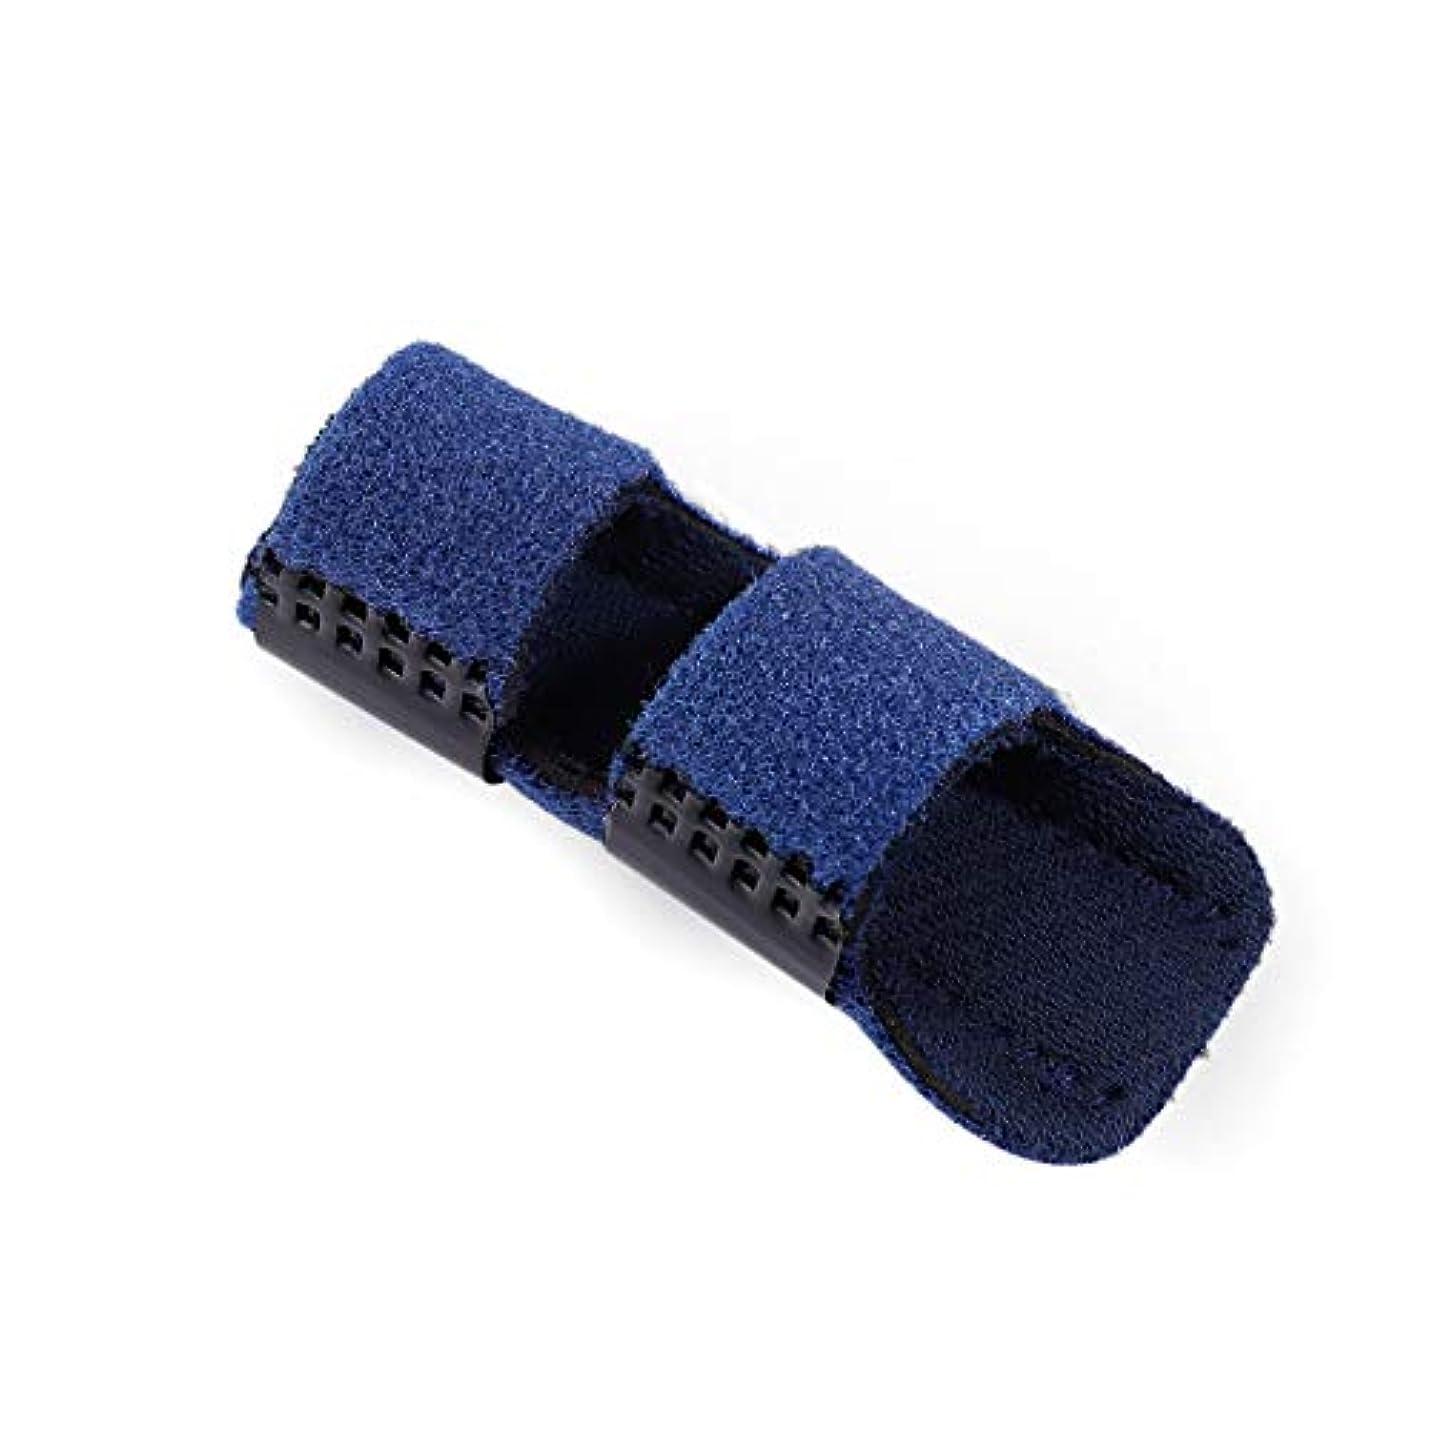 ライド収まる検索エンジンマーケティングSUPVOX 痛み止めリハビリテーション訓練のための指副木調整可能な指矯正ブレースガードプロテクター